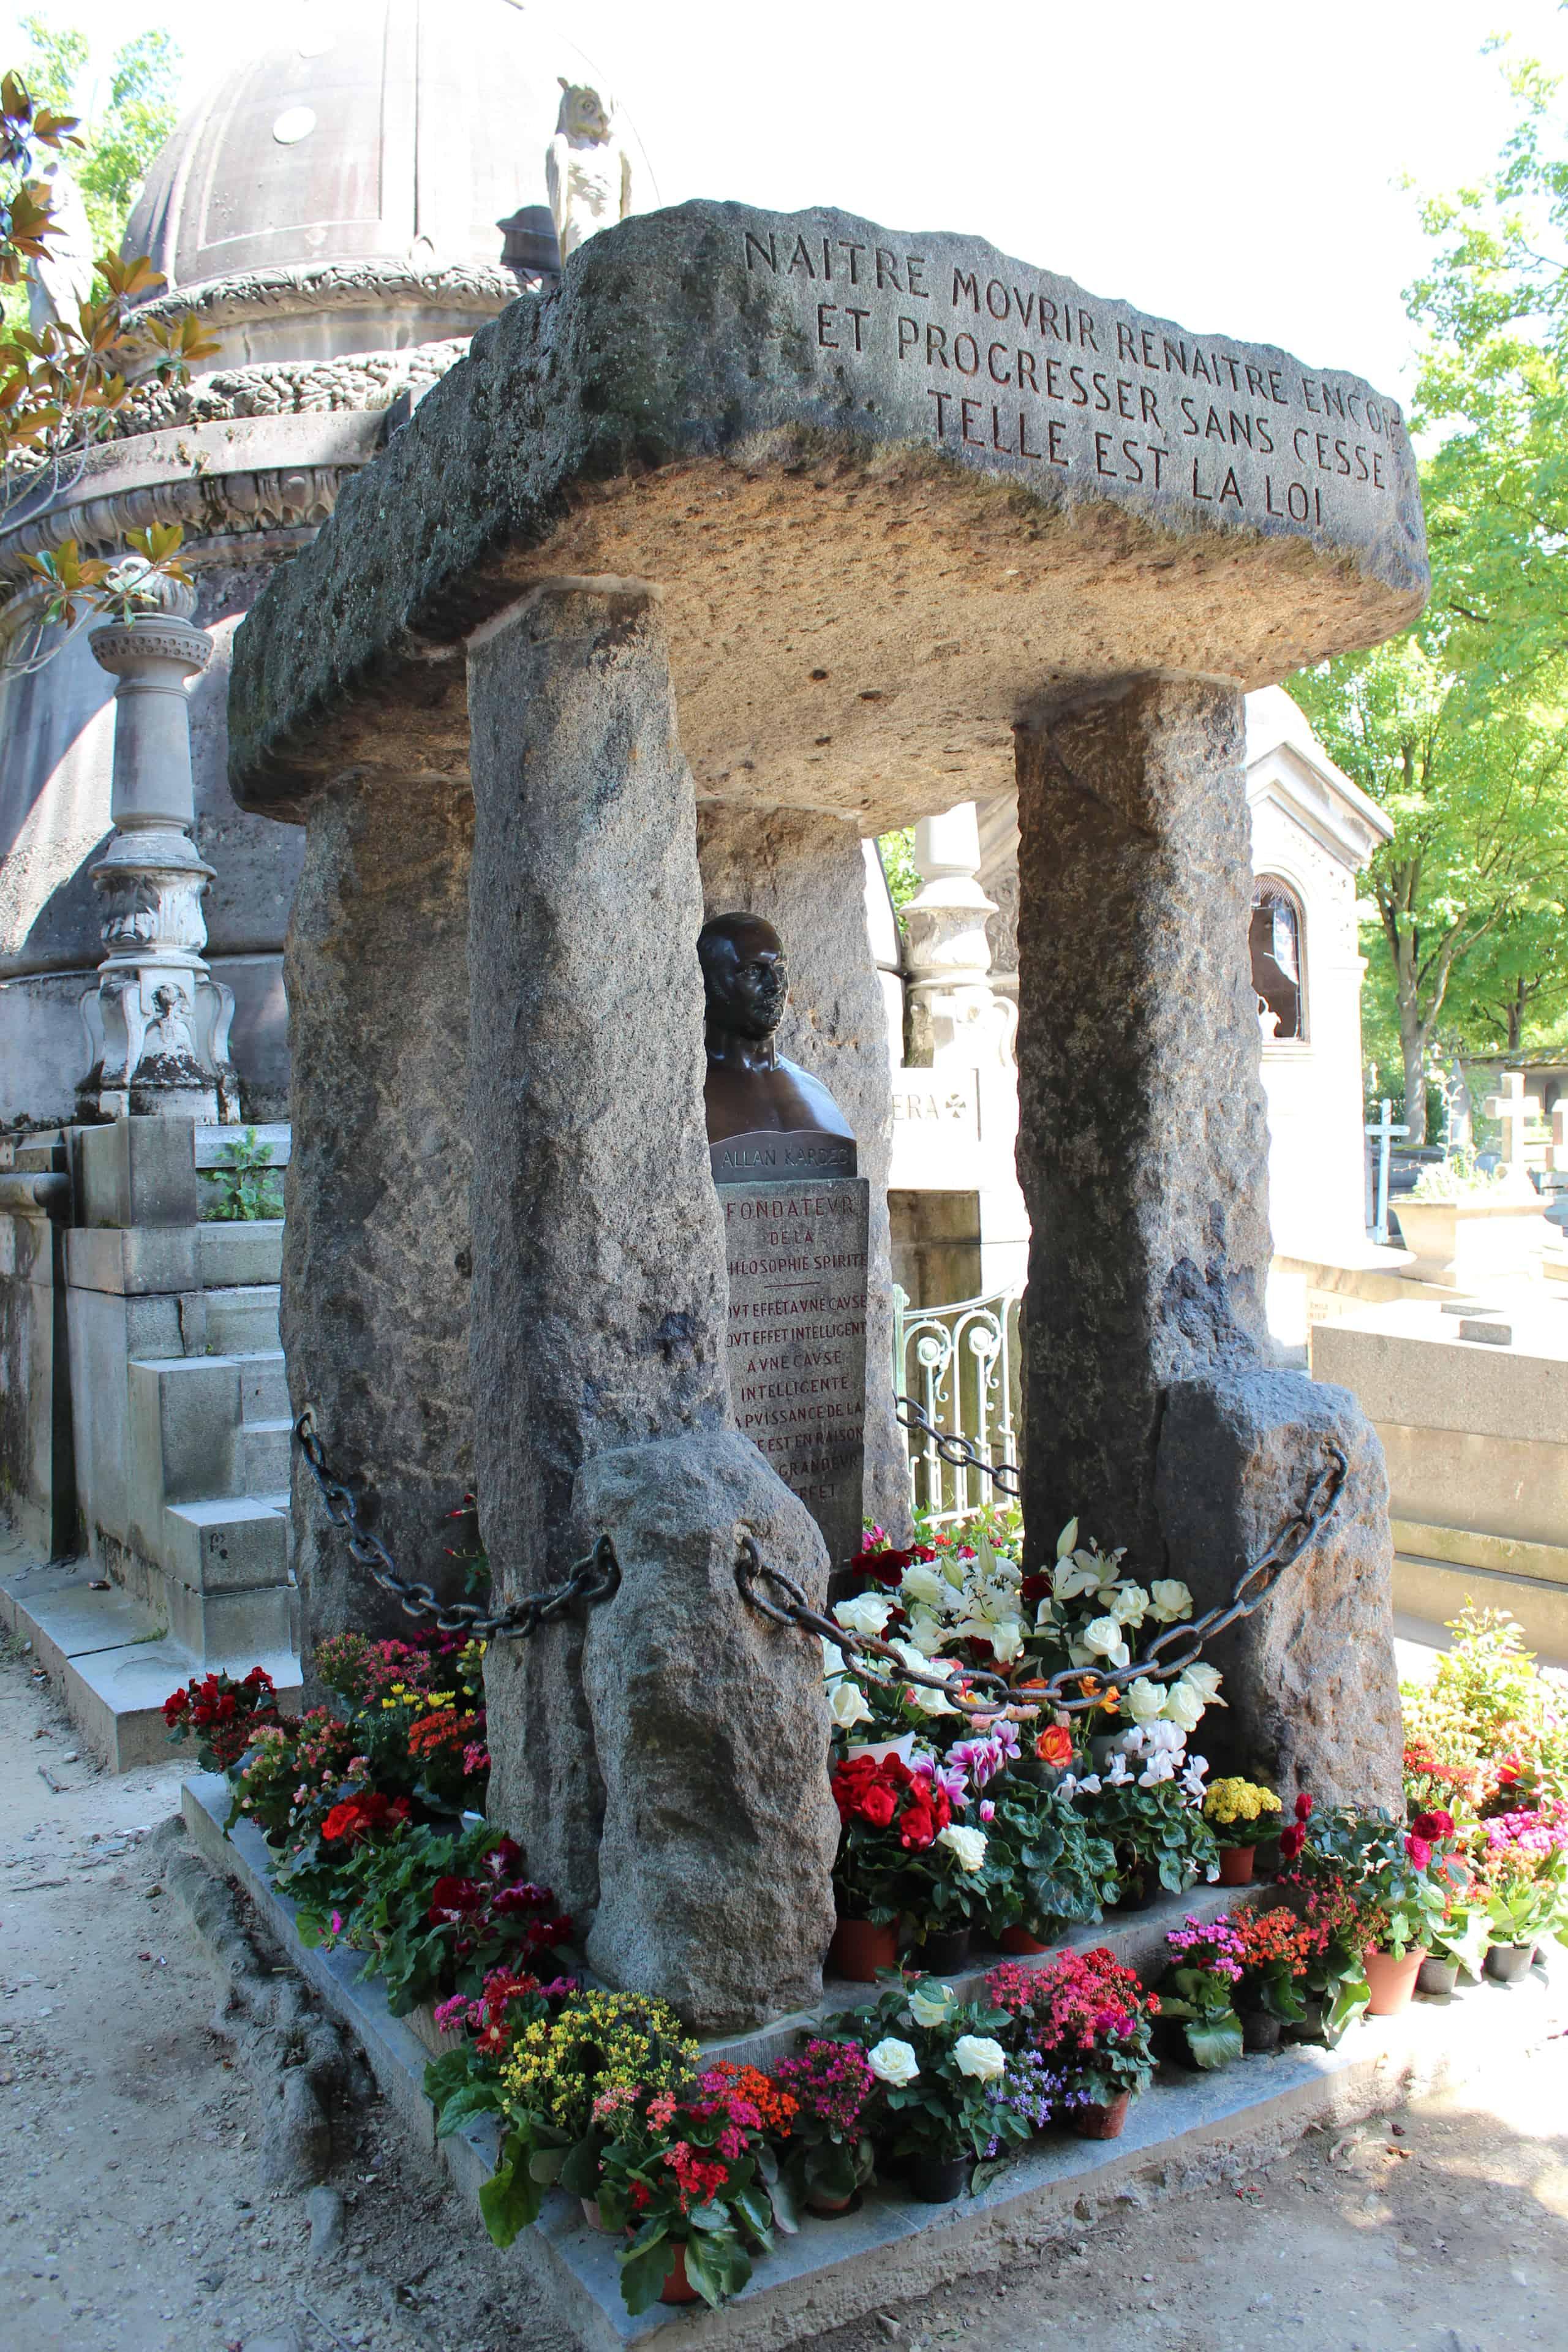 Cemiterio de cruzeiro do oeste pr kaka bebado comendo angelica doida - 2 3